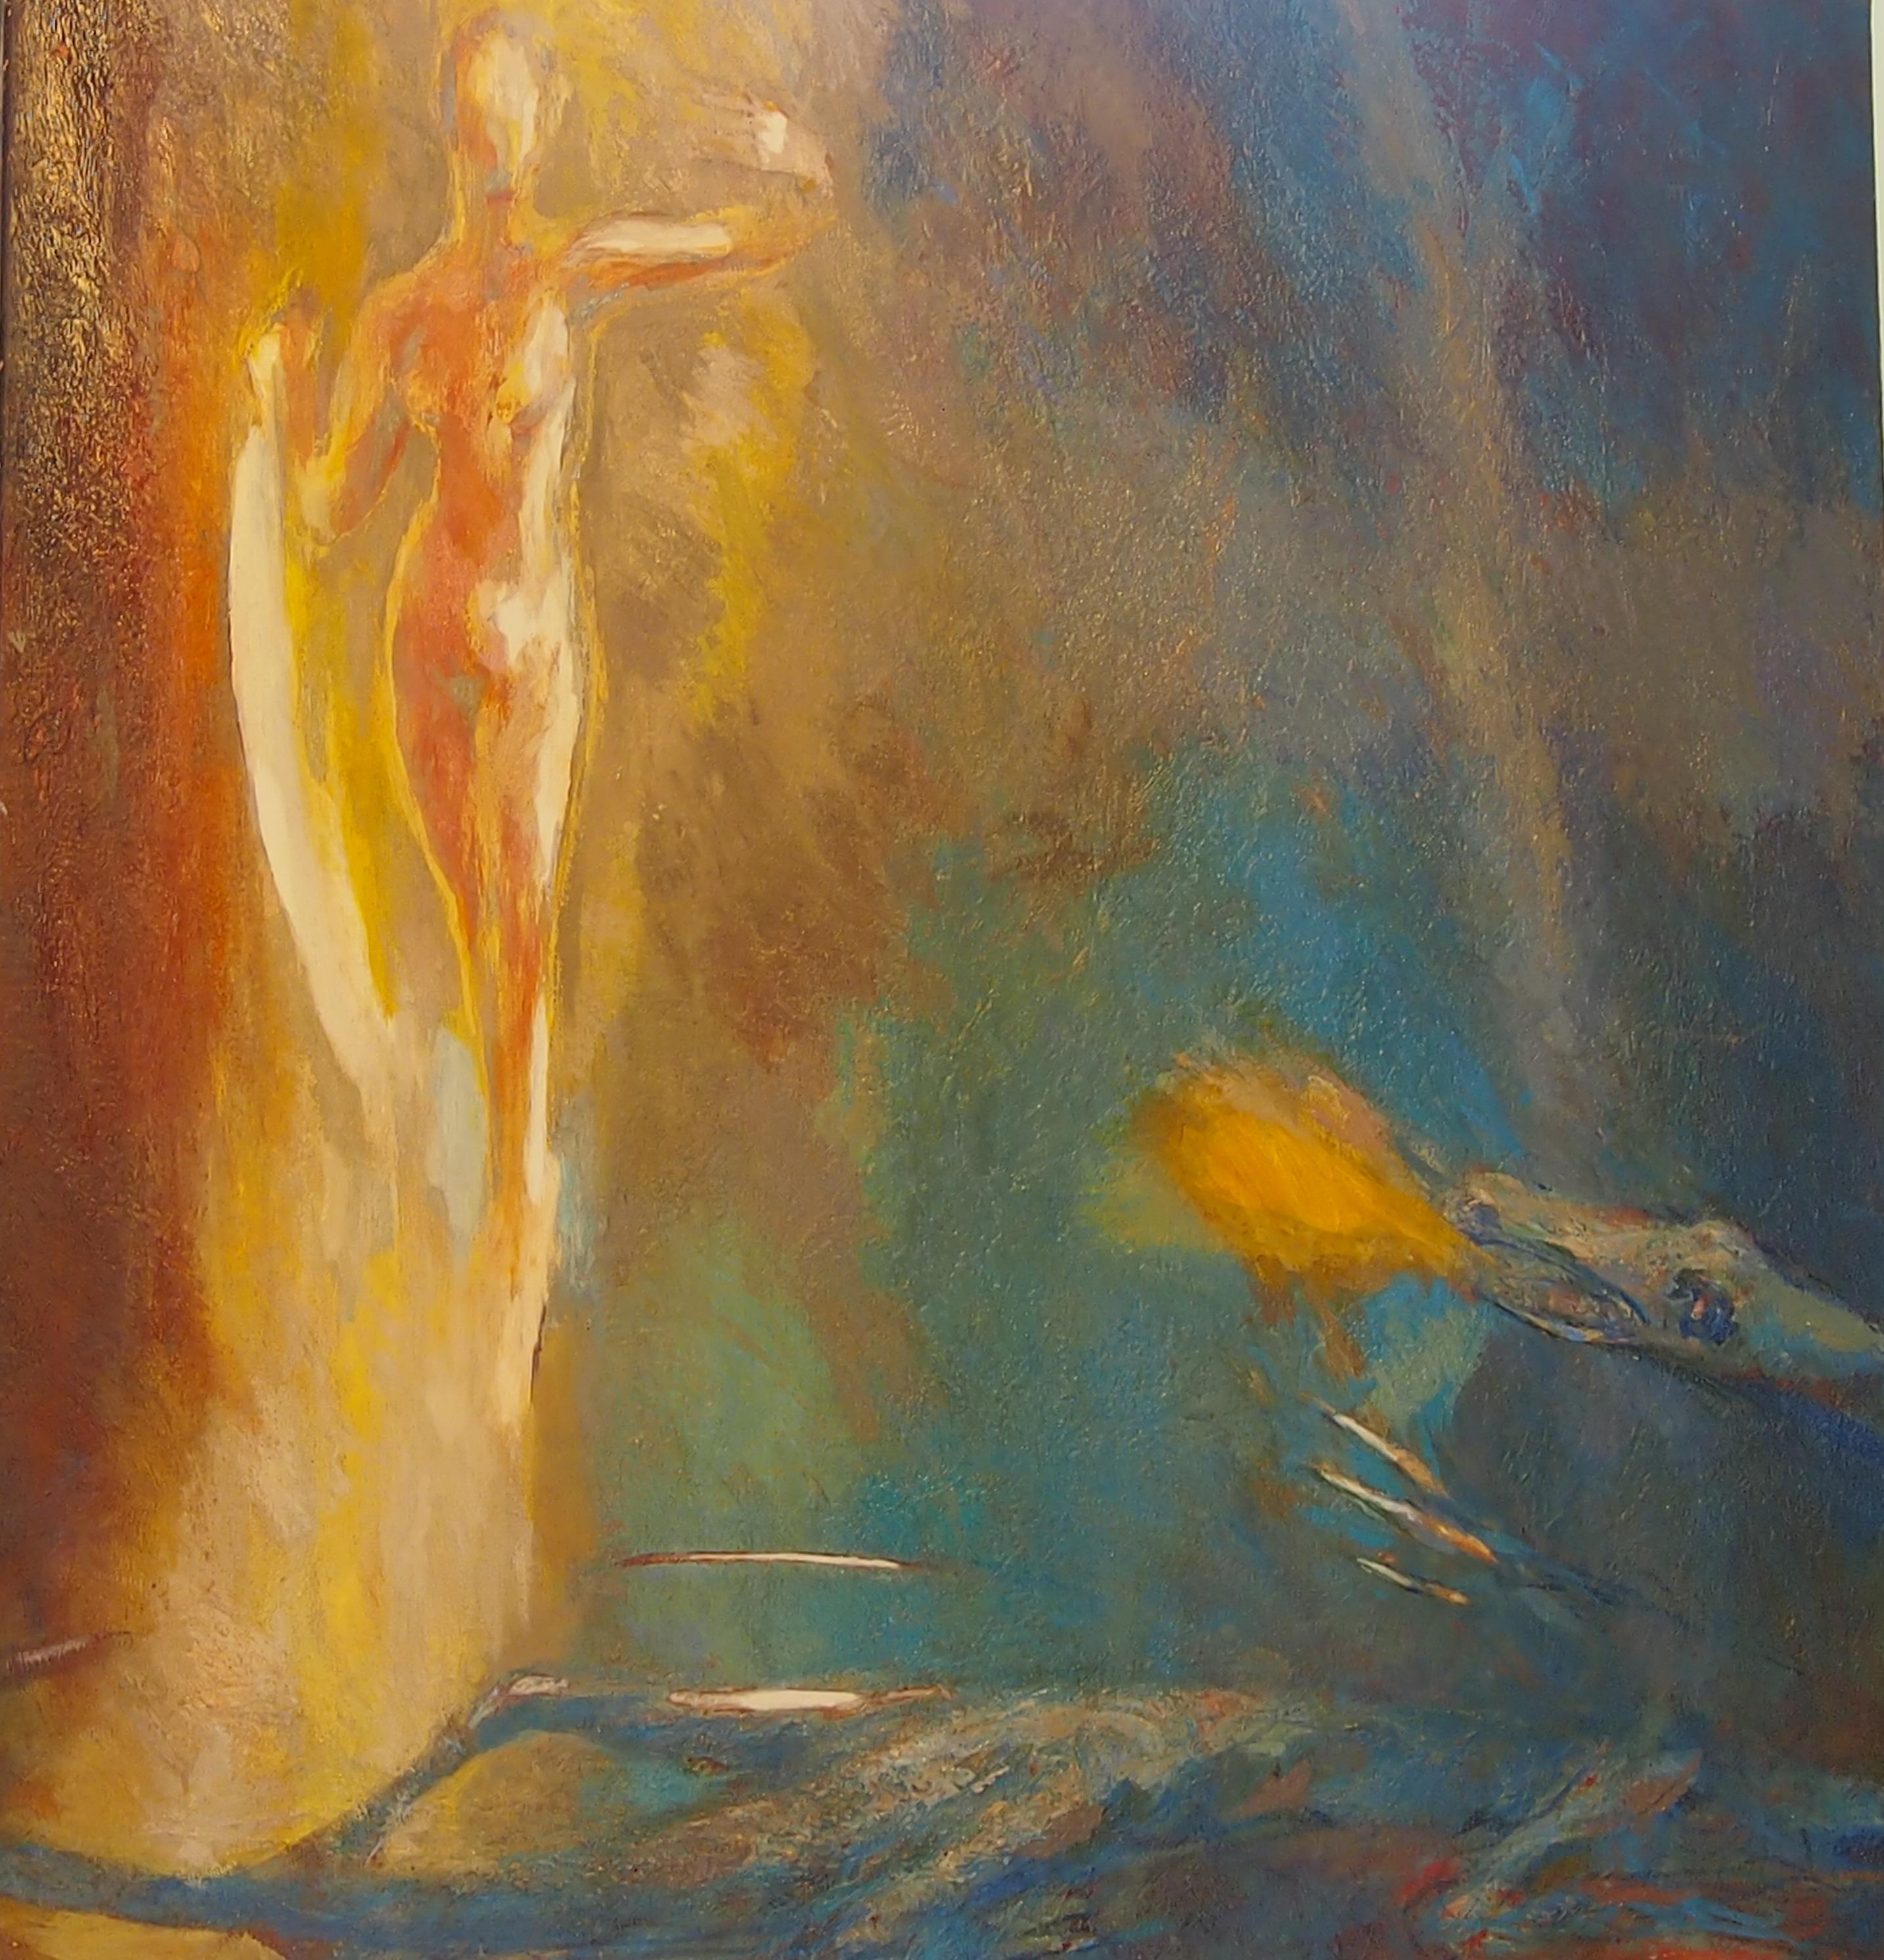 Lune sur Dragon huile sur toile 104x96